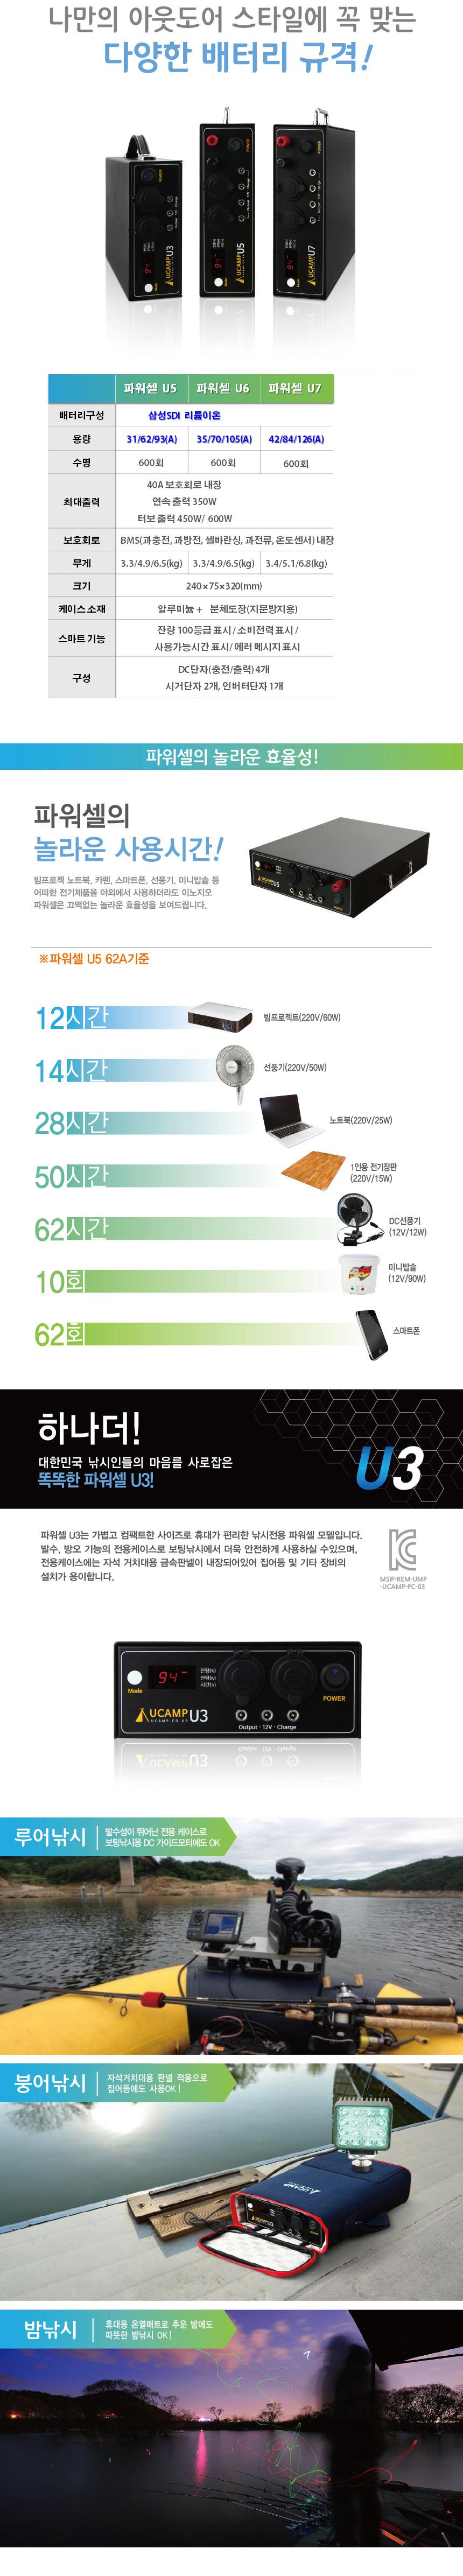 파워셀 U3/U5/U7 대용량 파워뱅크 ( 배터리 + 4A충전기 + 전용가방) 세트구성 파워뱅크 인버터 아웃도어밧데리 파워밧데리 파워벵크